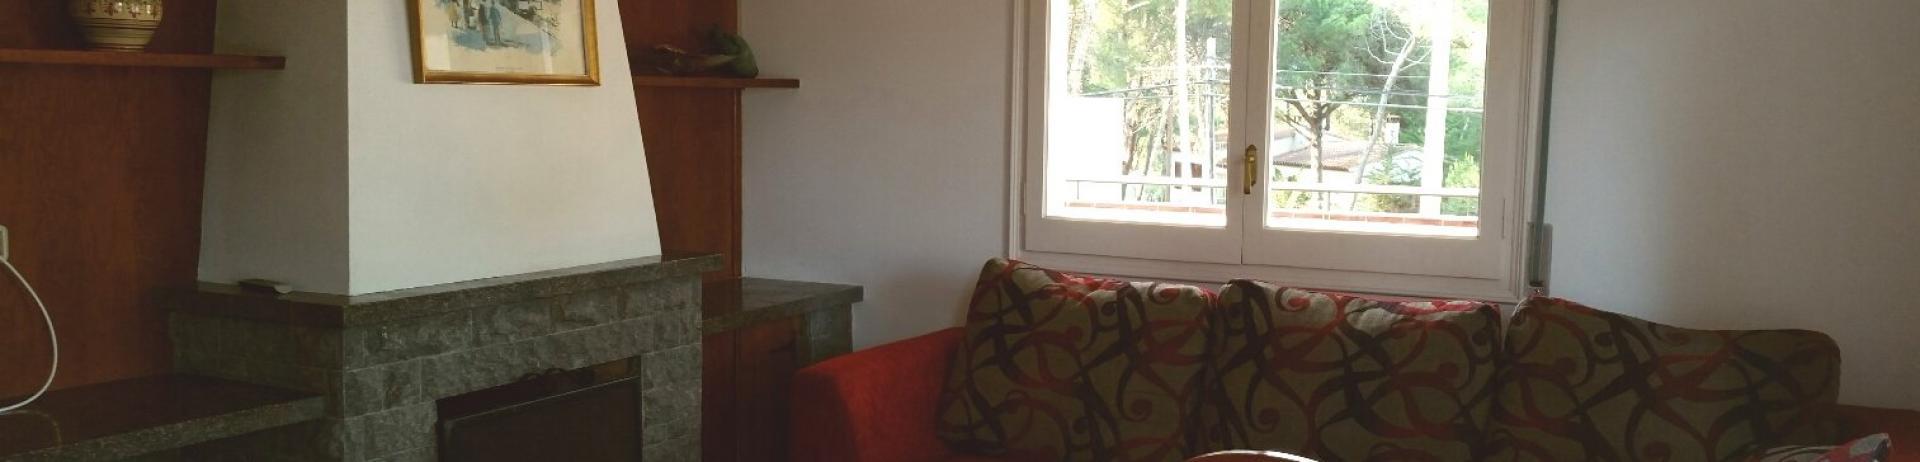 Salón de los apartamentos del Camping Bungalows Interpals